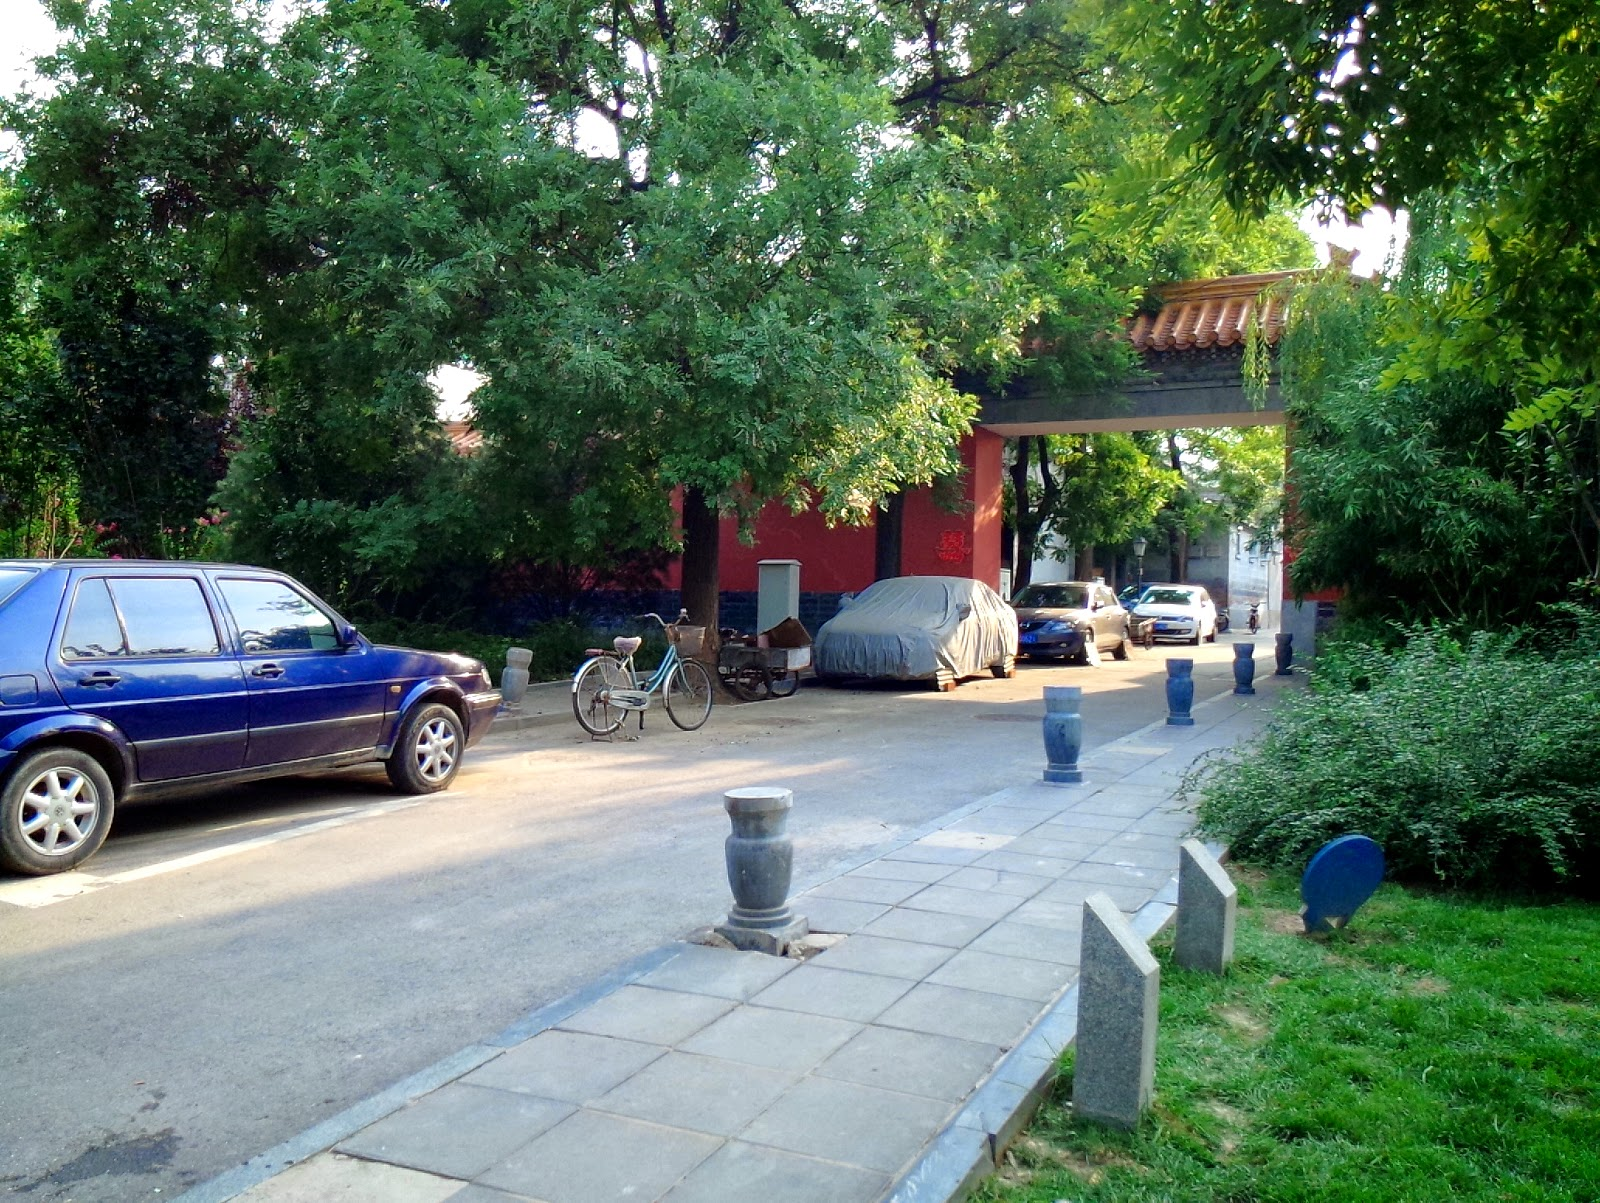 【北京。食記】四合院裡的親子下午茶時光~石榴樹下法餐咖啡館(小毛球9M)